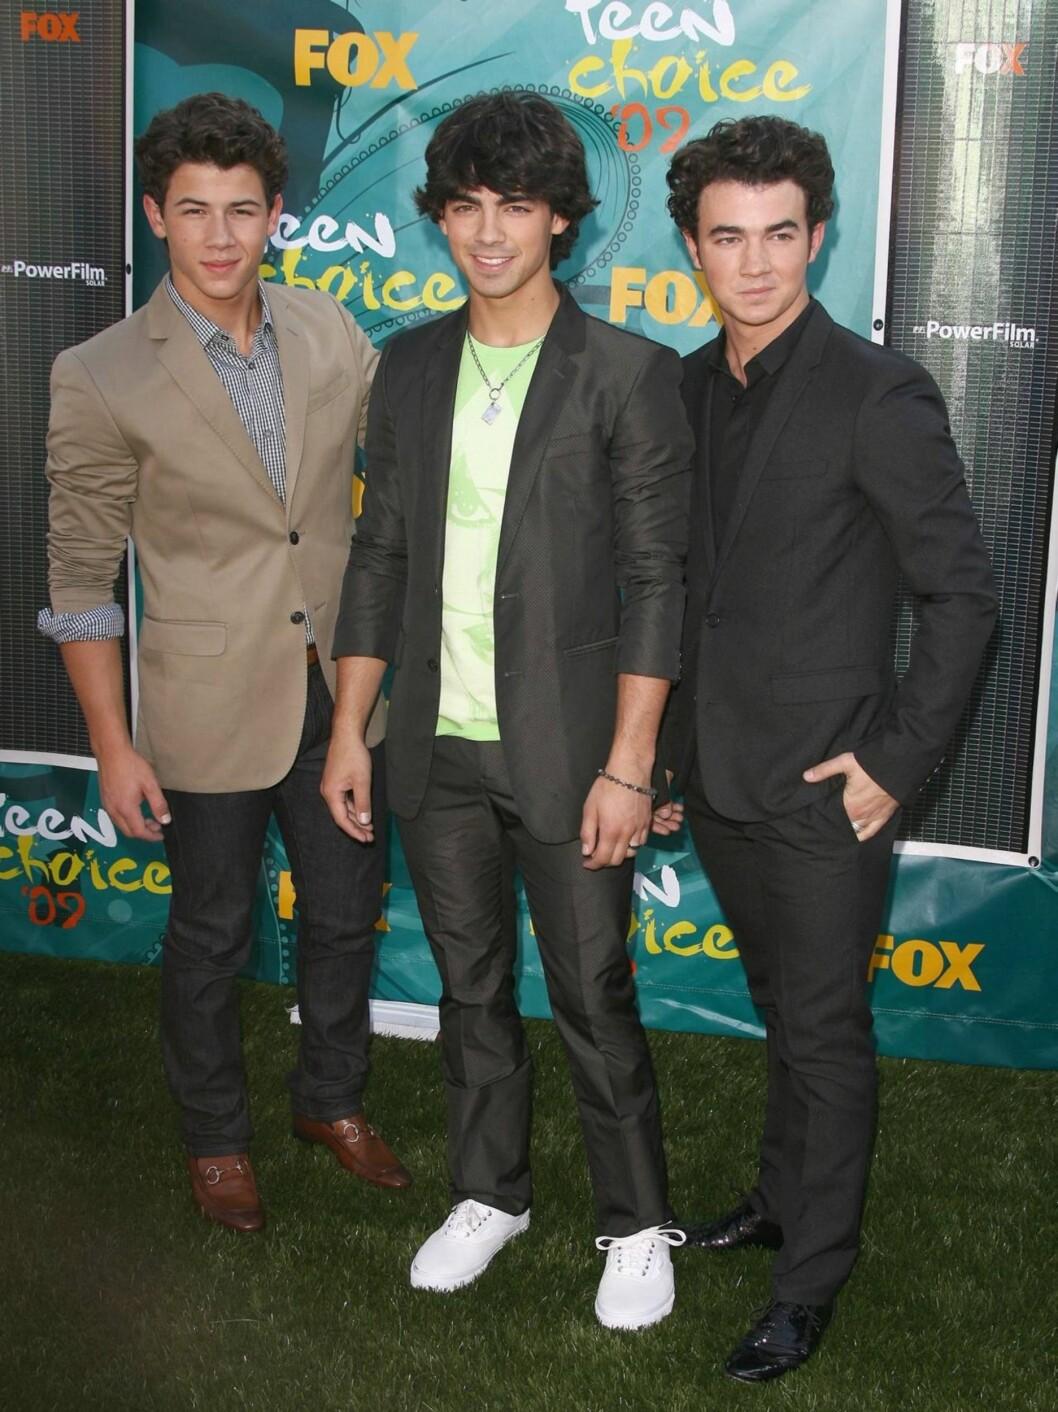 OPPTRÅDDE: Gutta i The Jonas Brothers opptrådde under prisutdelingen.  Foto: Stella Pictures